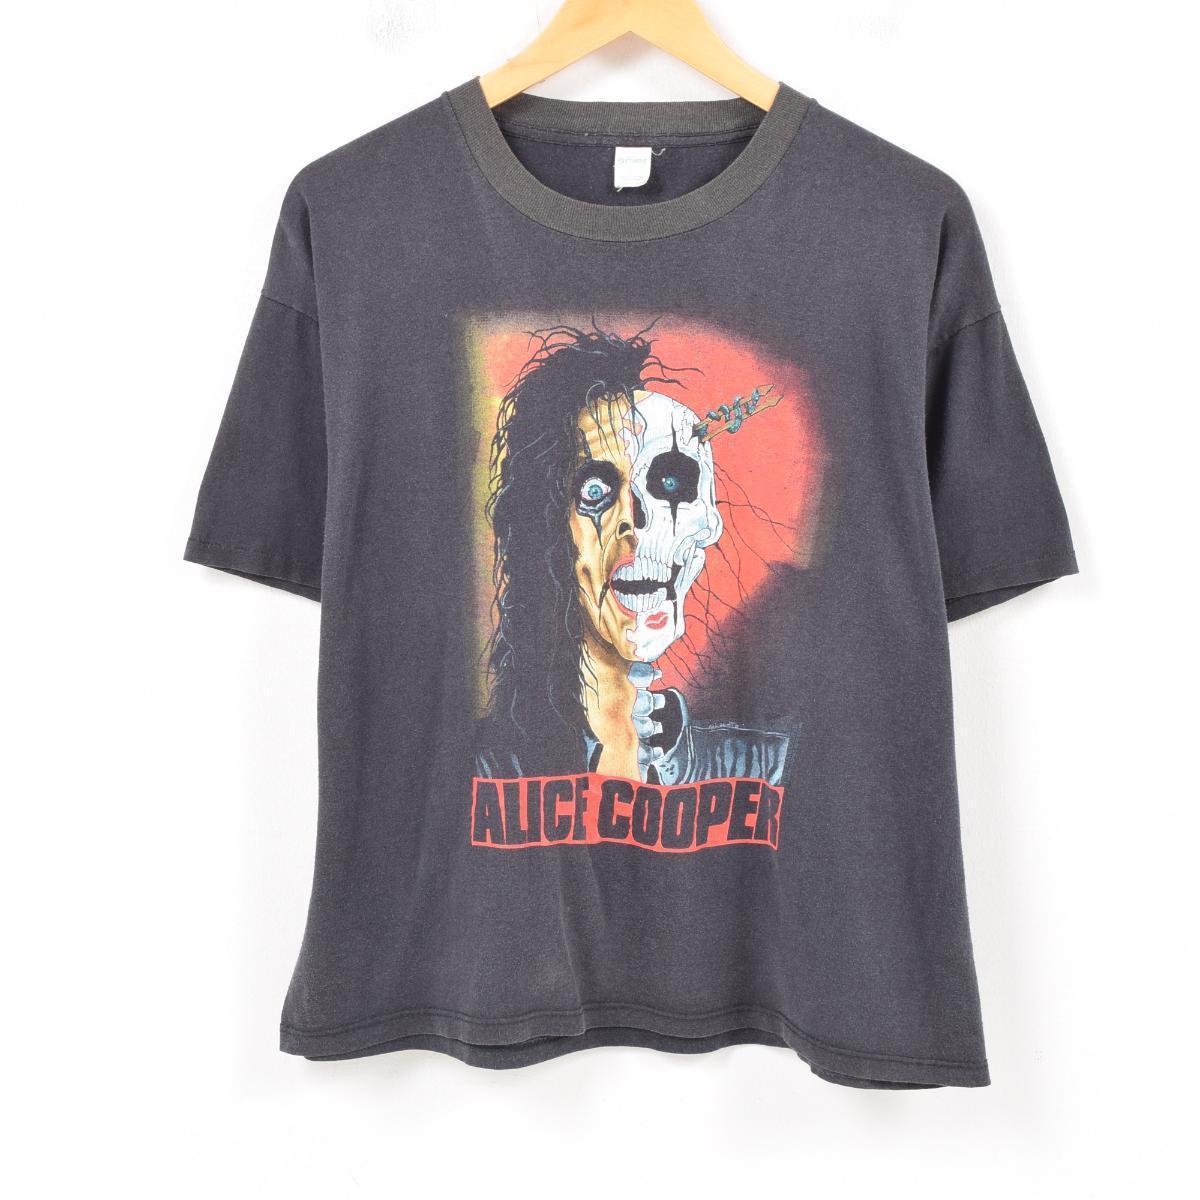 80年代 SPORTSWEAR ALICE COOPER アリスクーパー TRASH アルバム バンドTシャツ USA製 メンズM ヴィンテージ /wap7413 【中古】【古着屋JAM】 【180701】